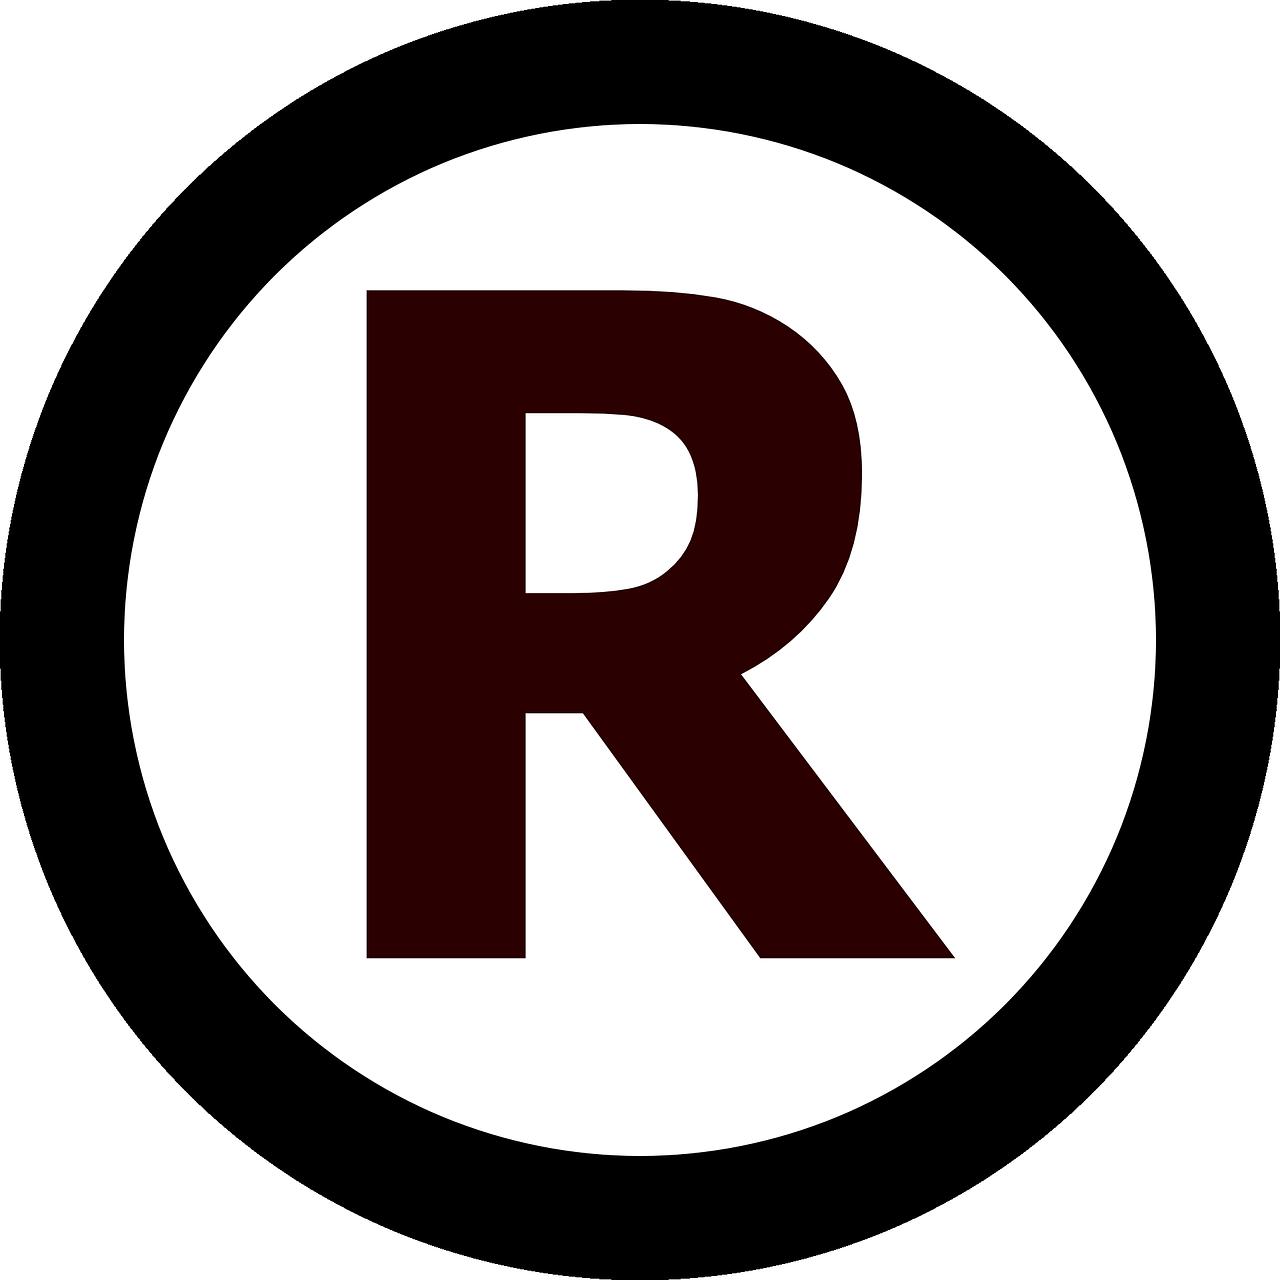 registeredtm